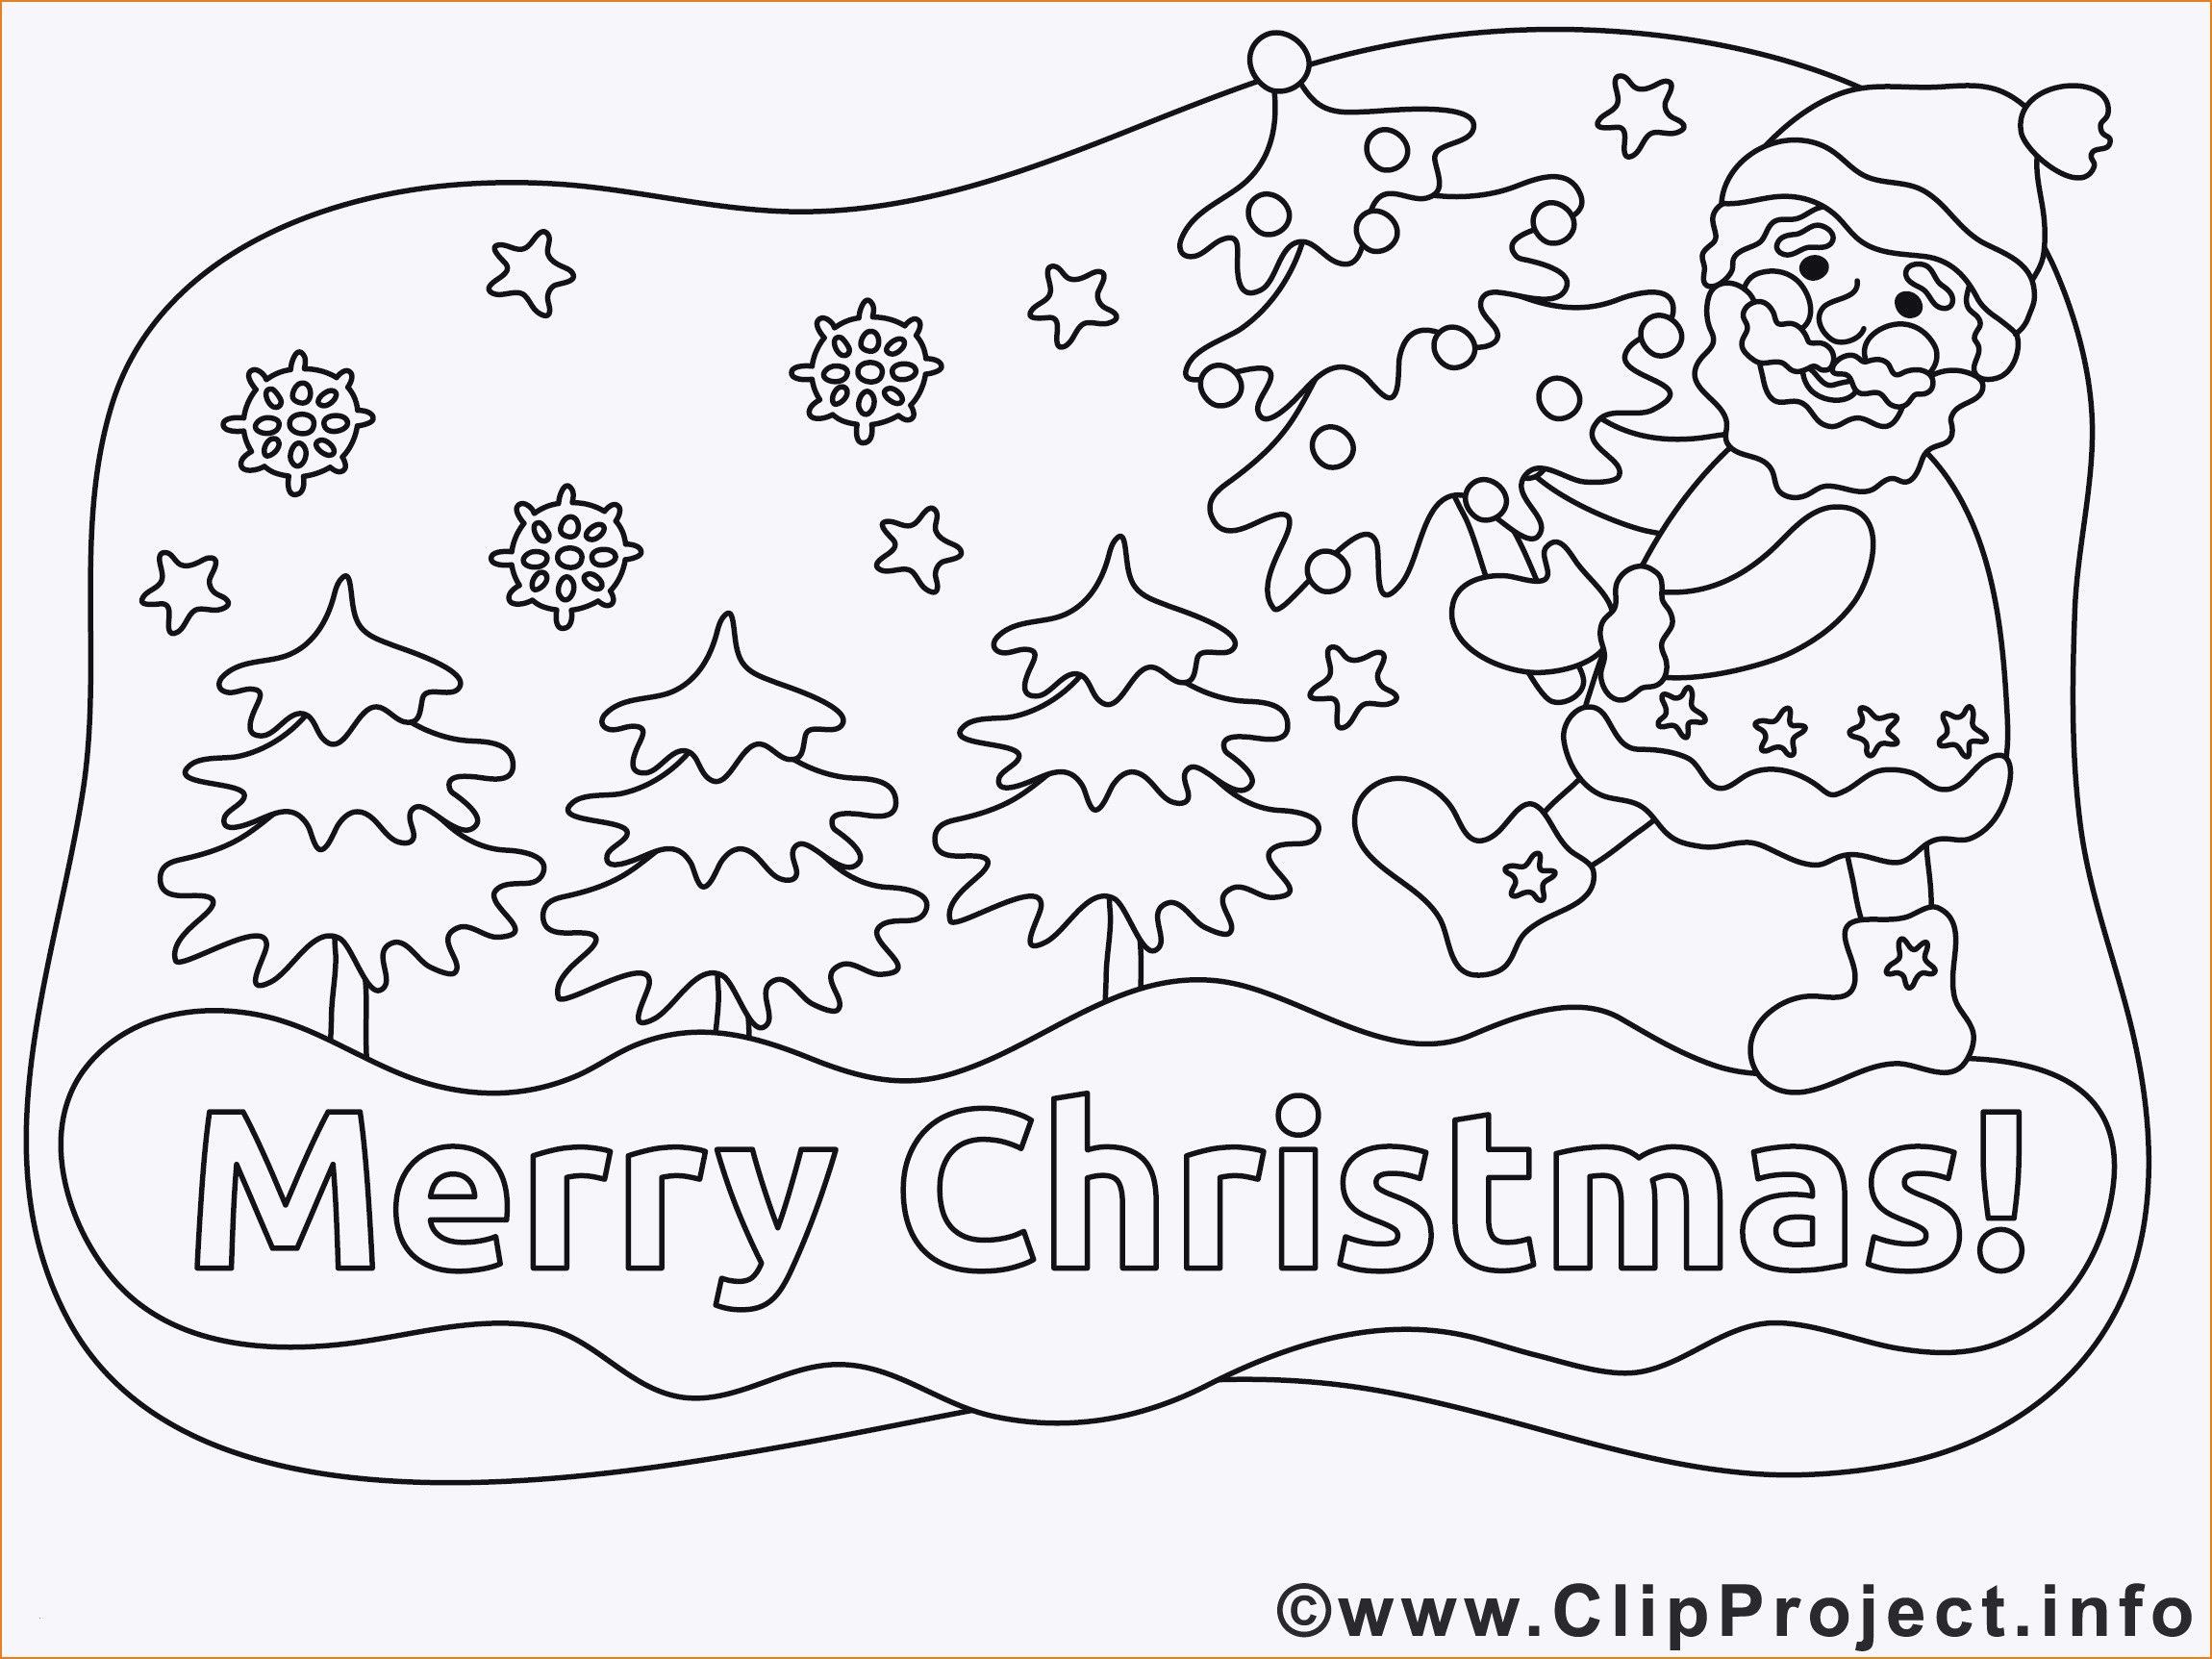 Malvorlagen Weihnachten Schneemann Einzigartig Ausmalbilder Weihnachten Schneemann Luxus Igel Grundschule 0d Neu Stock